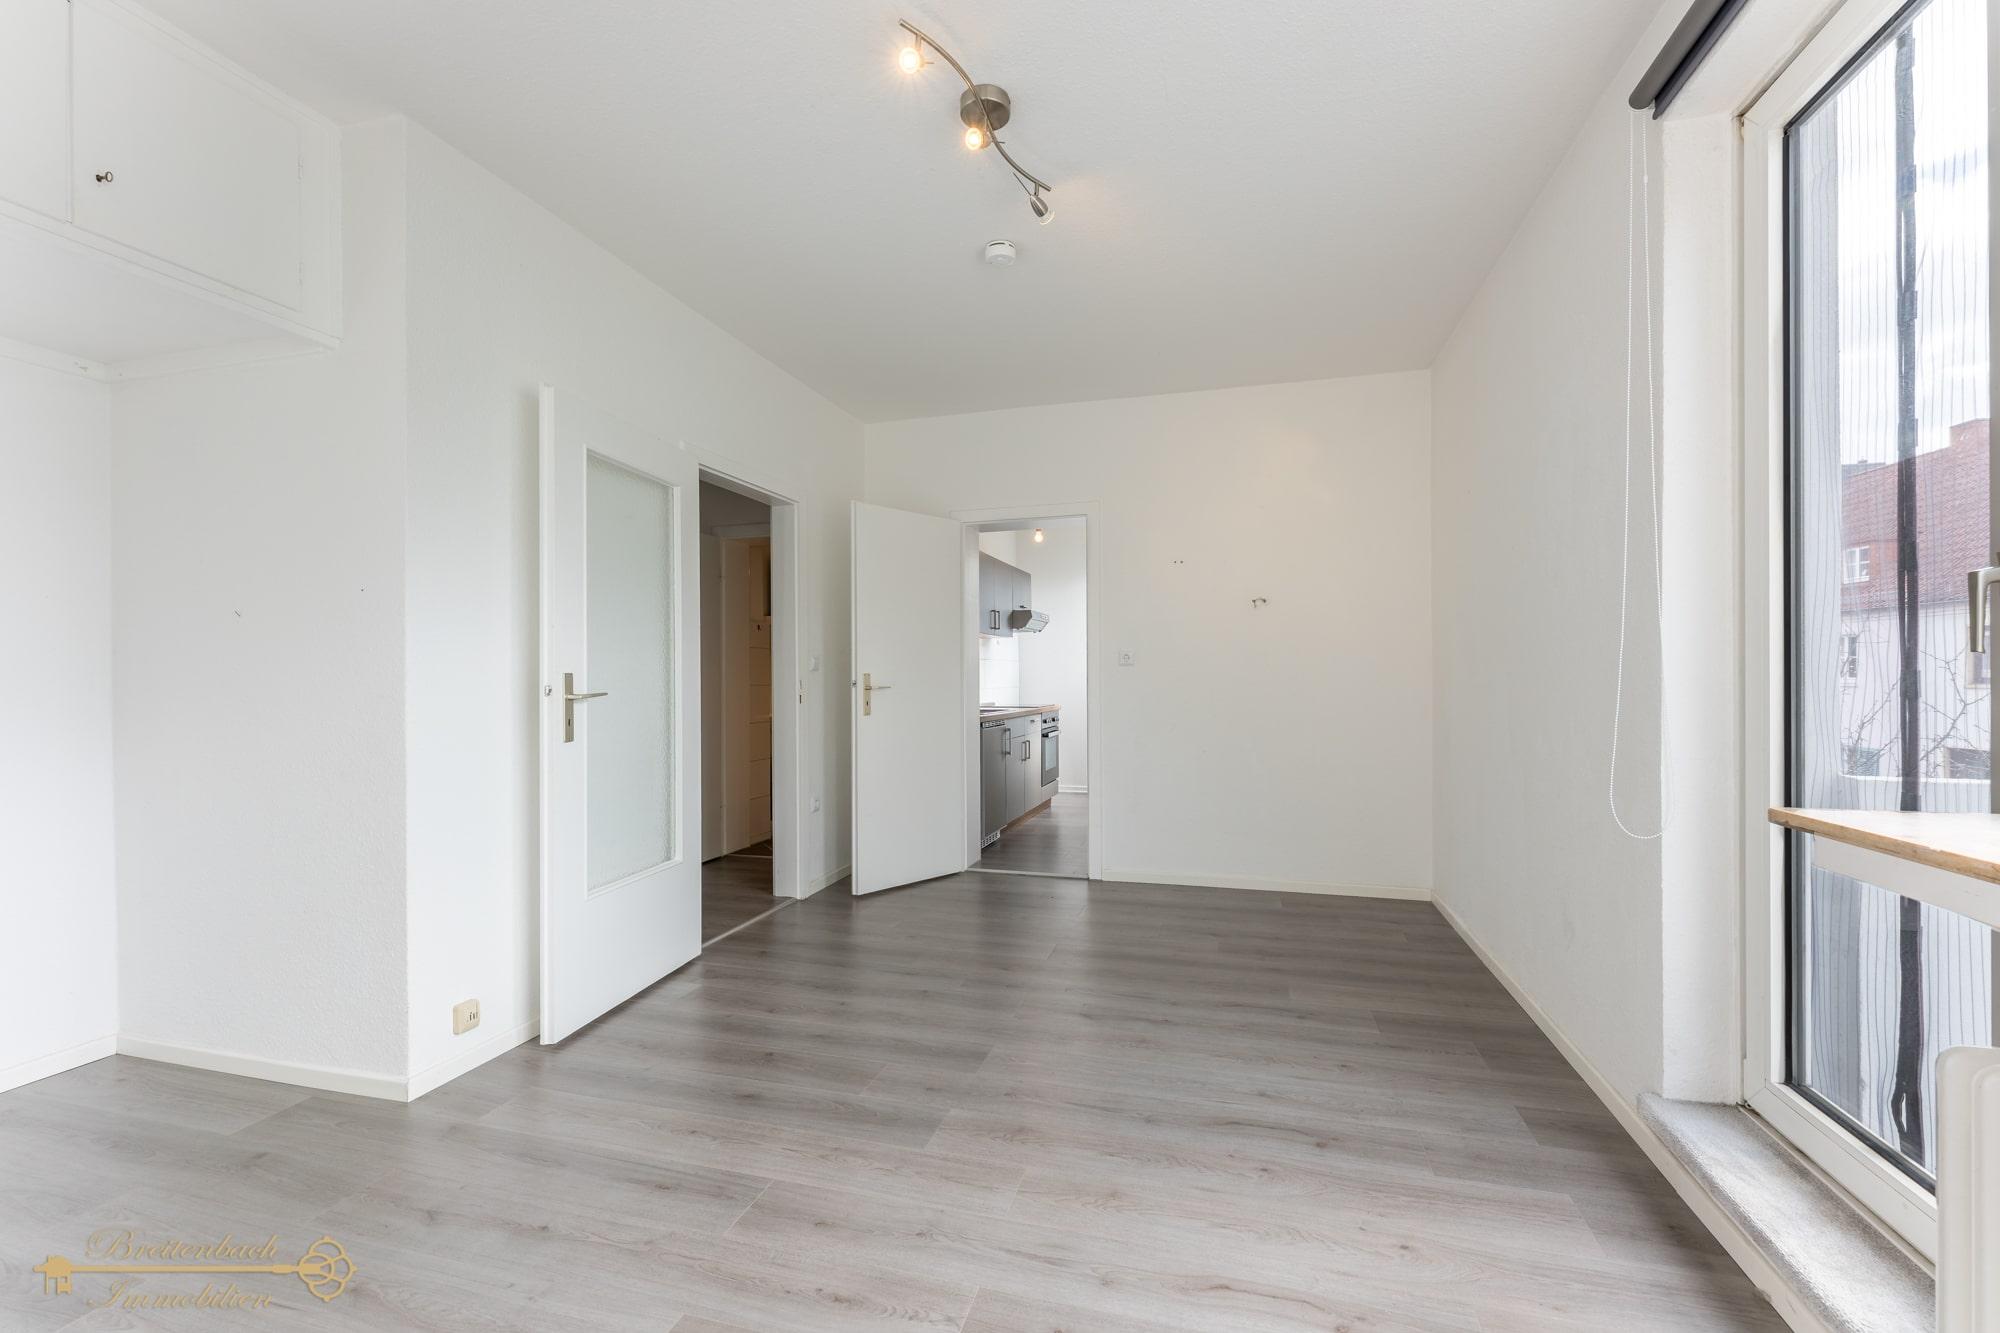 2021-03-27-Breitenbach-Immobilien-Makler-Bremen-7-min